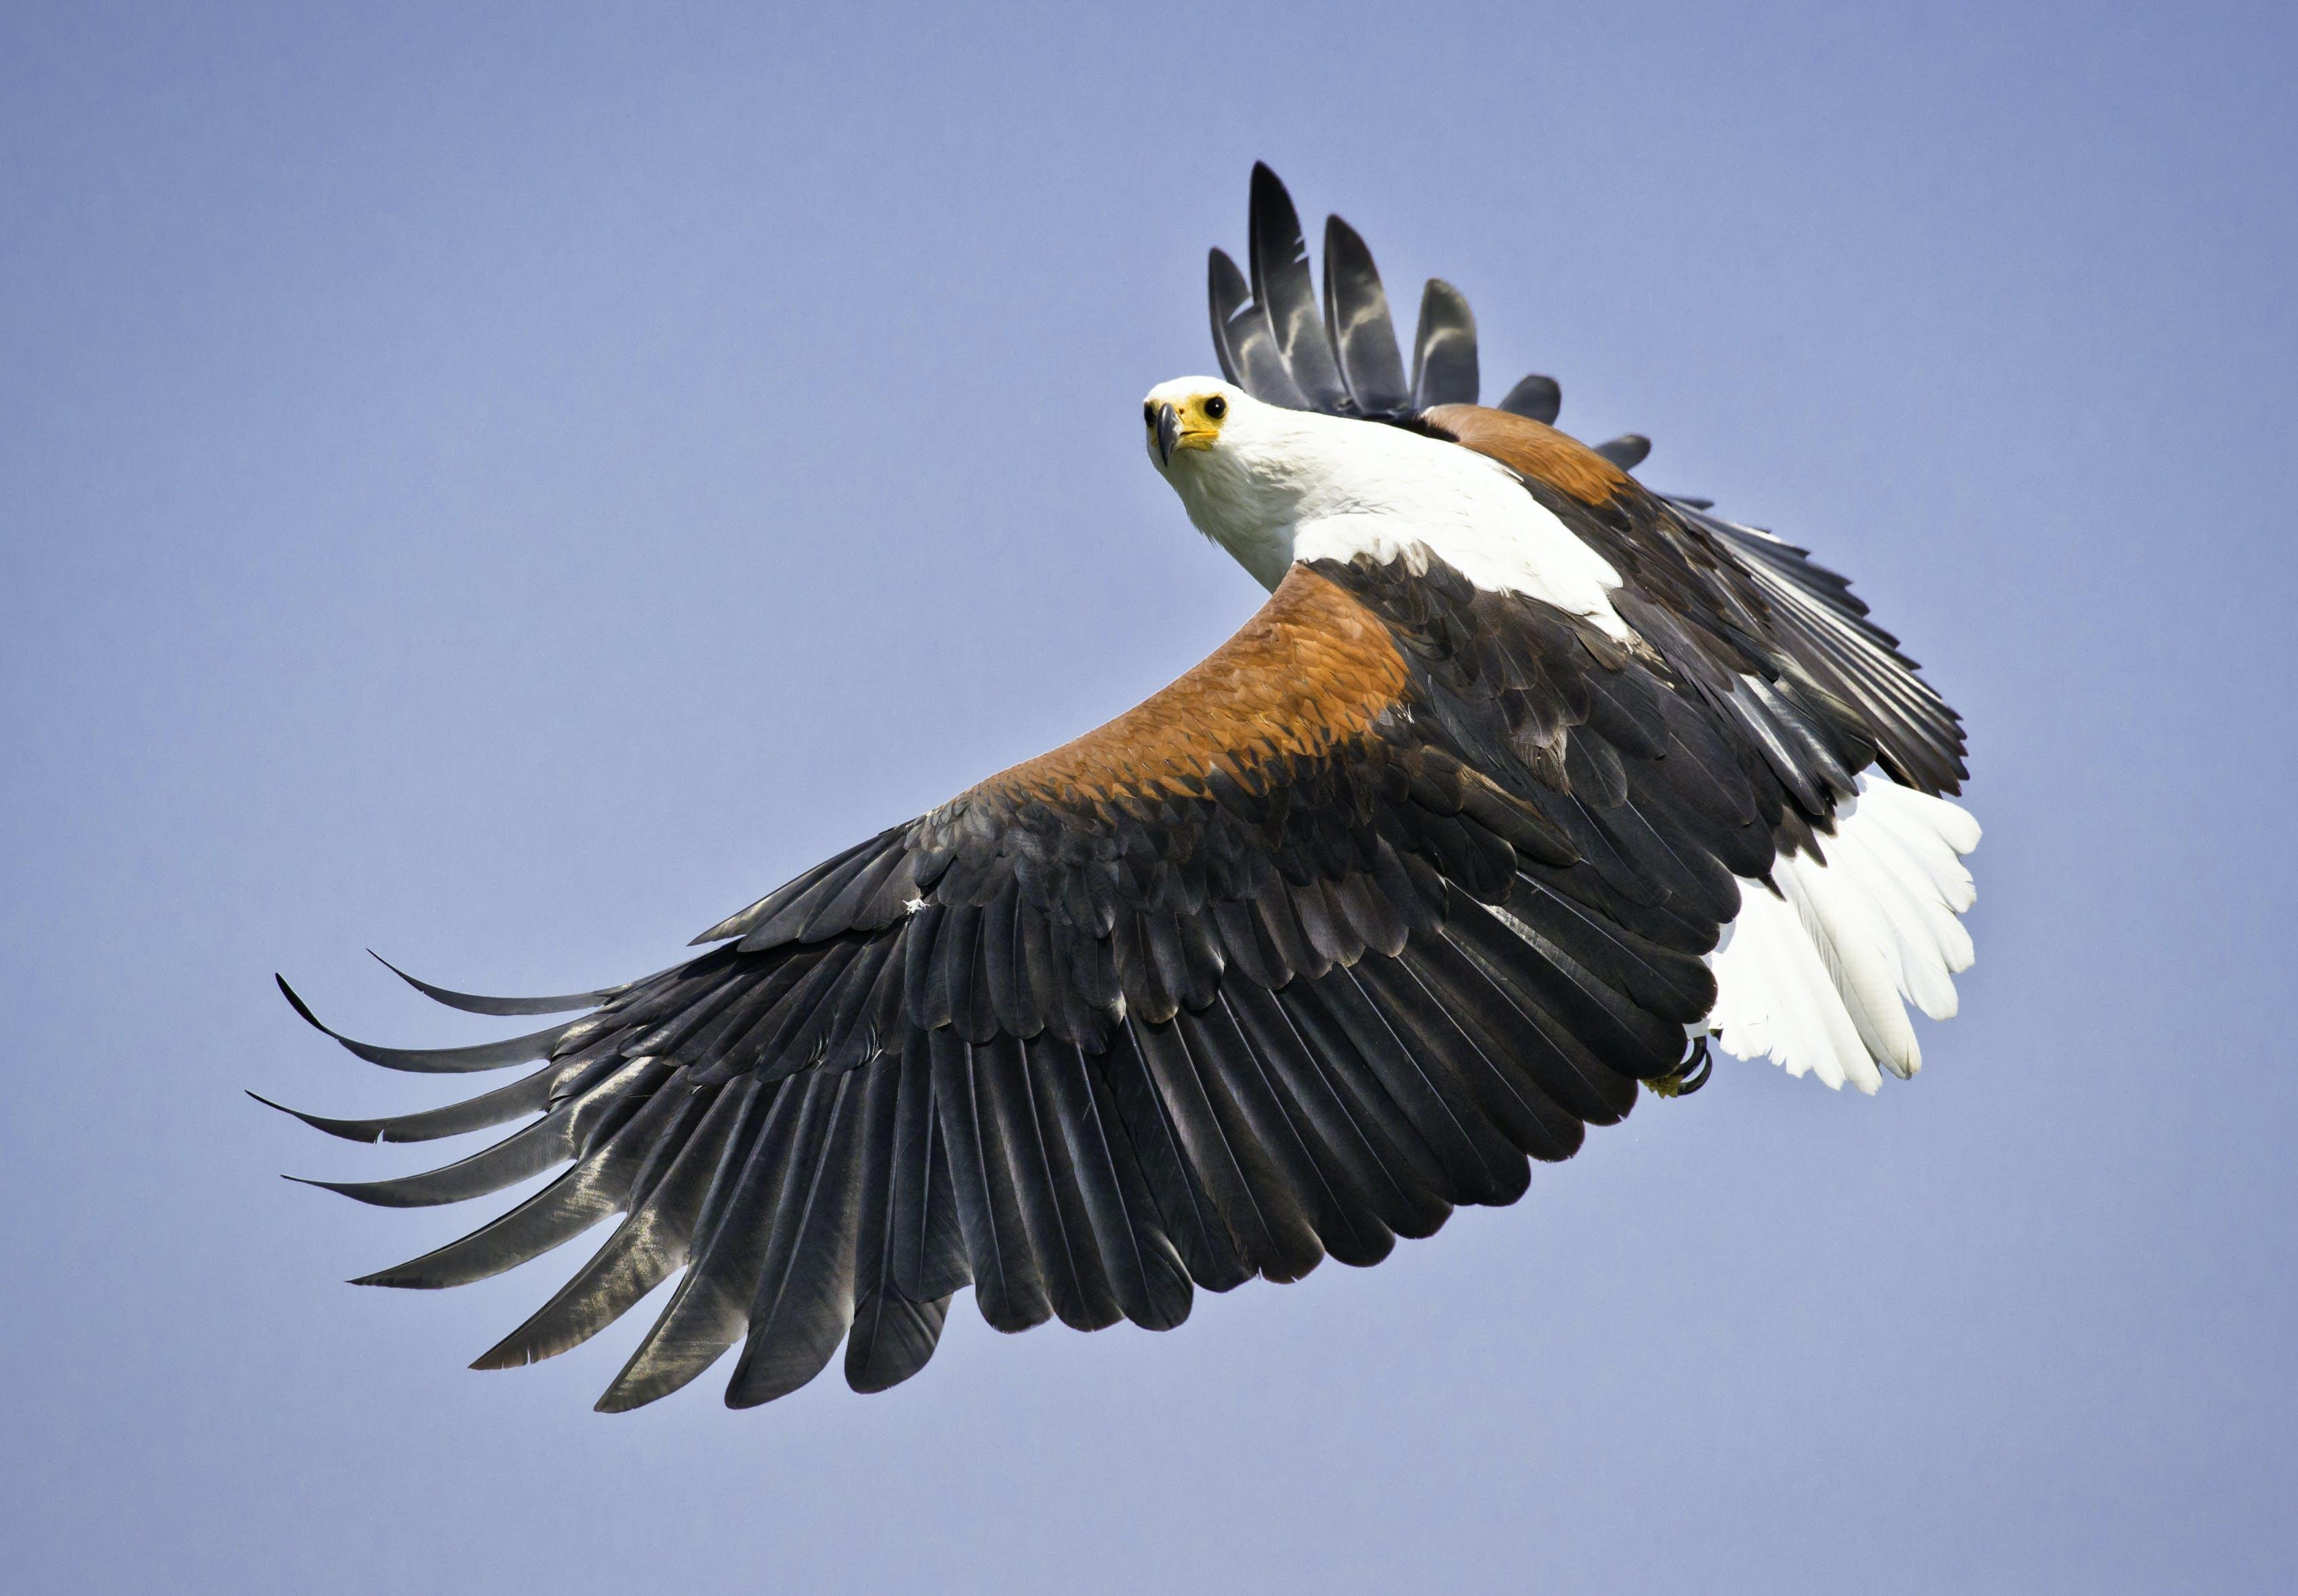 フライト, 動物, 猛禽, 羽毛の無料の写真素材